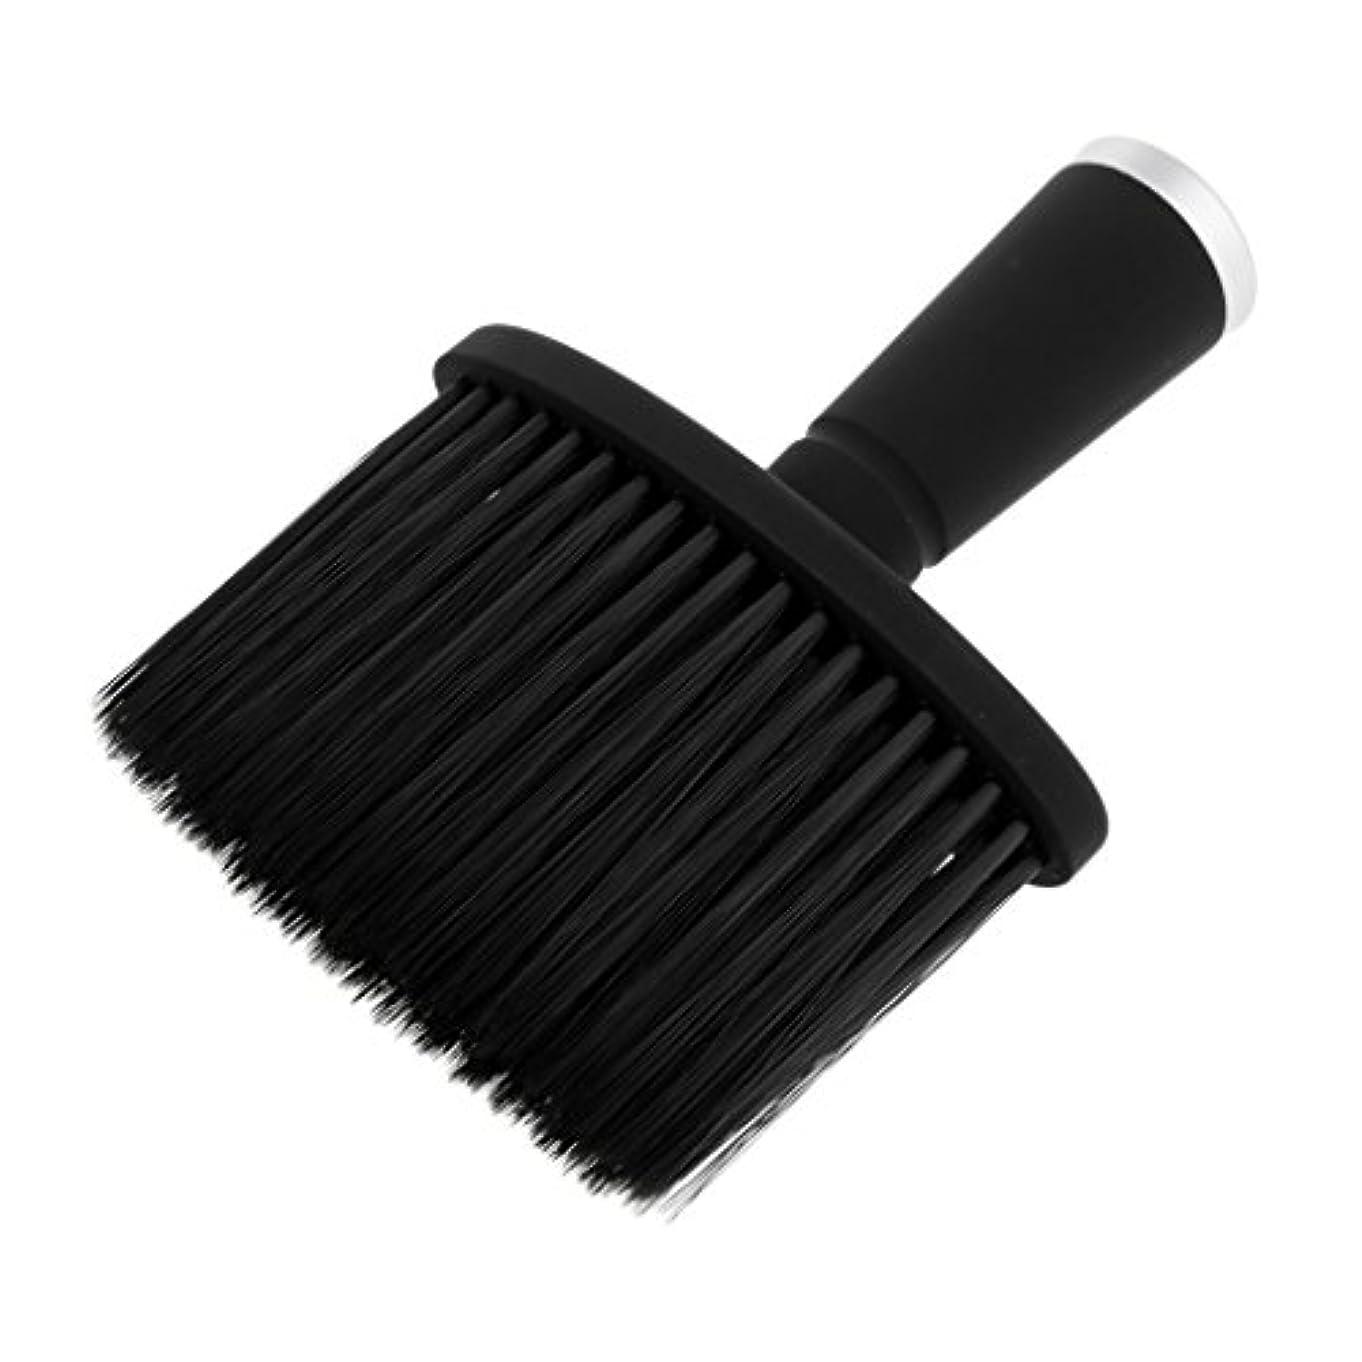 見えるホバート操縦する大広間のスタイリストの理髪師の毛の切断の構造用具のための柔らかい首の塵払いのブラシ - 銀